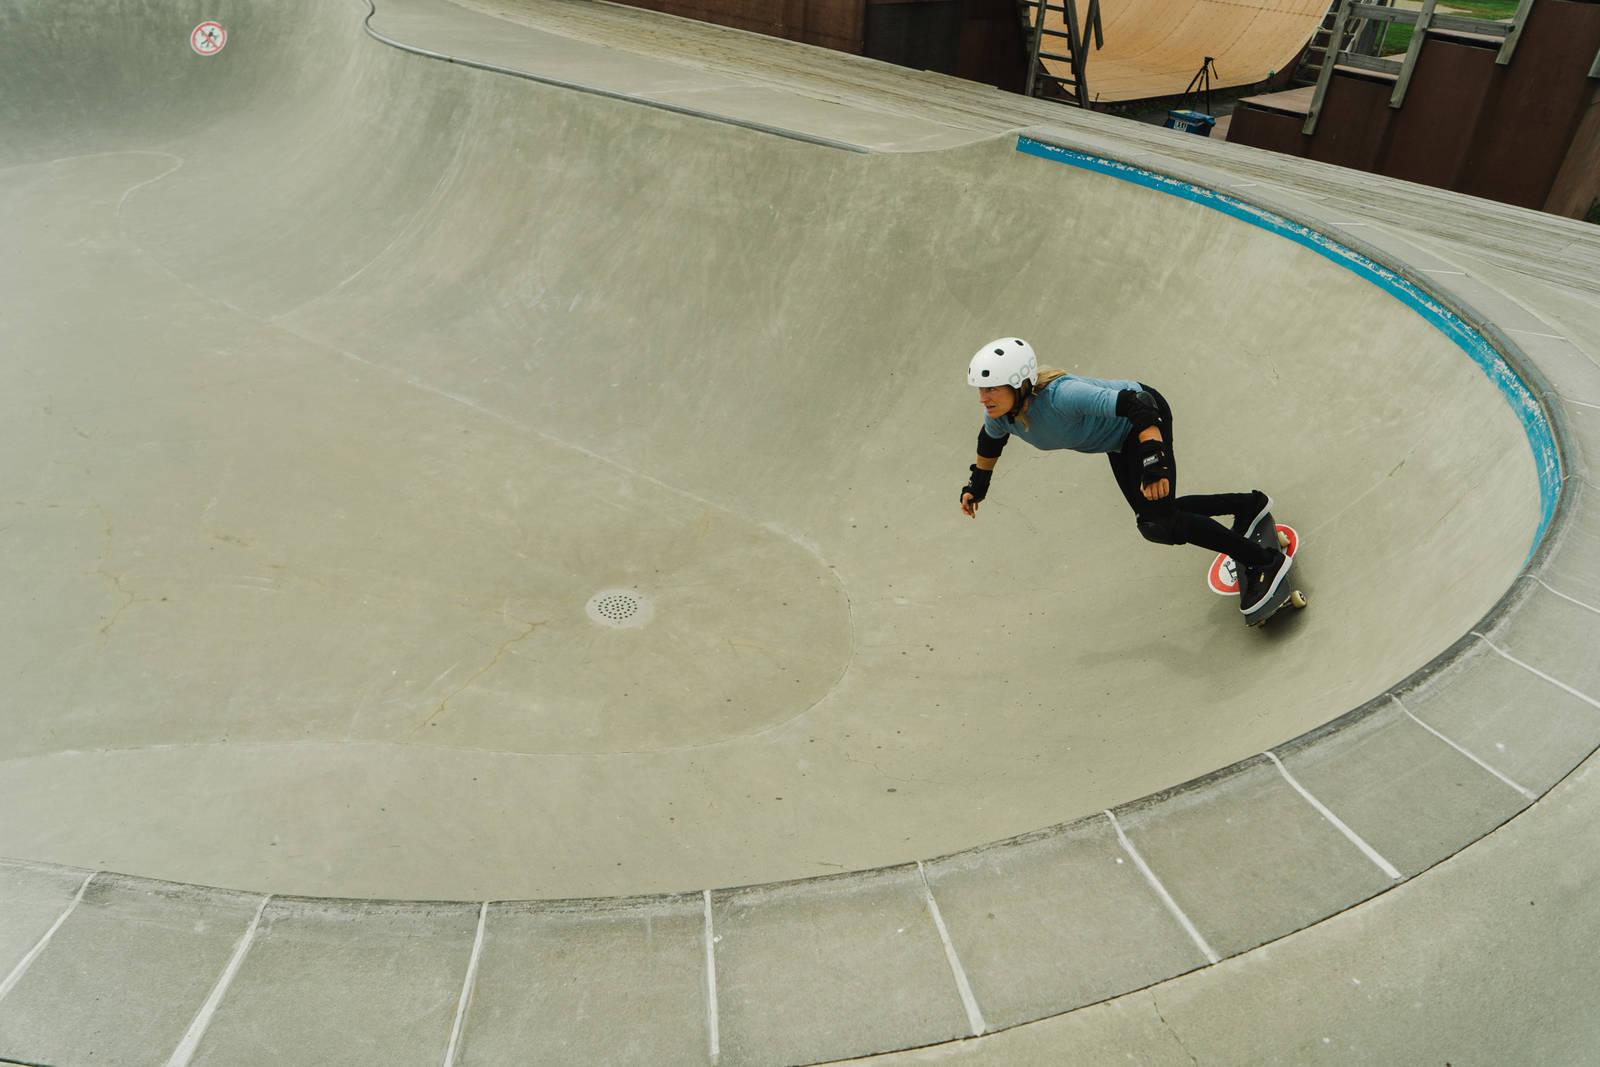 Skate i bowl er den nyeste greia til Hedda Berntsen - en fri sport som gir stor avkastning i form av mestringsglede.